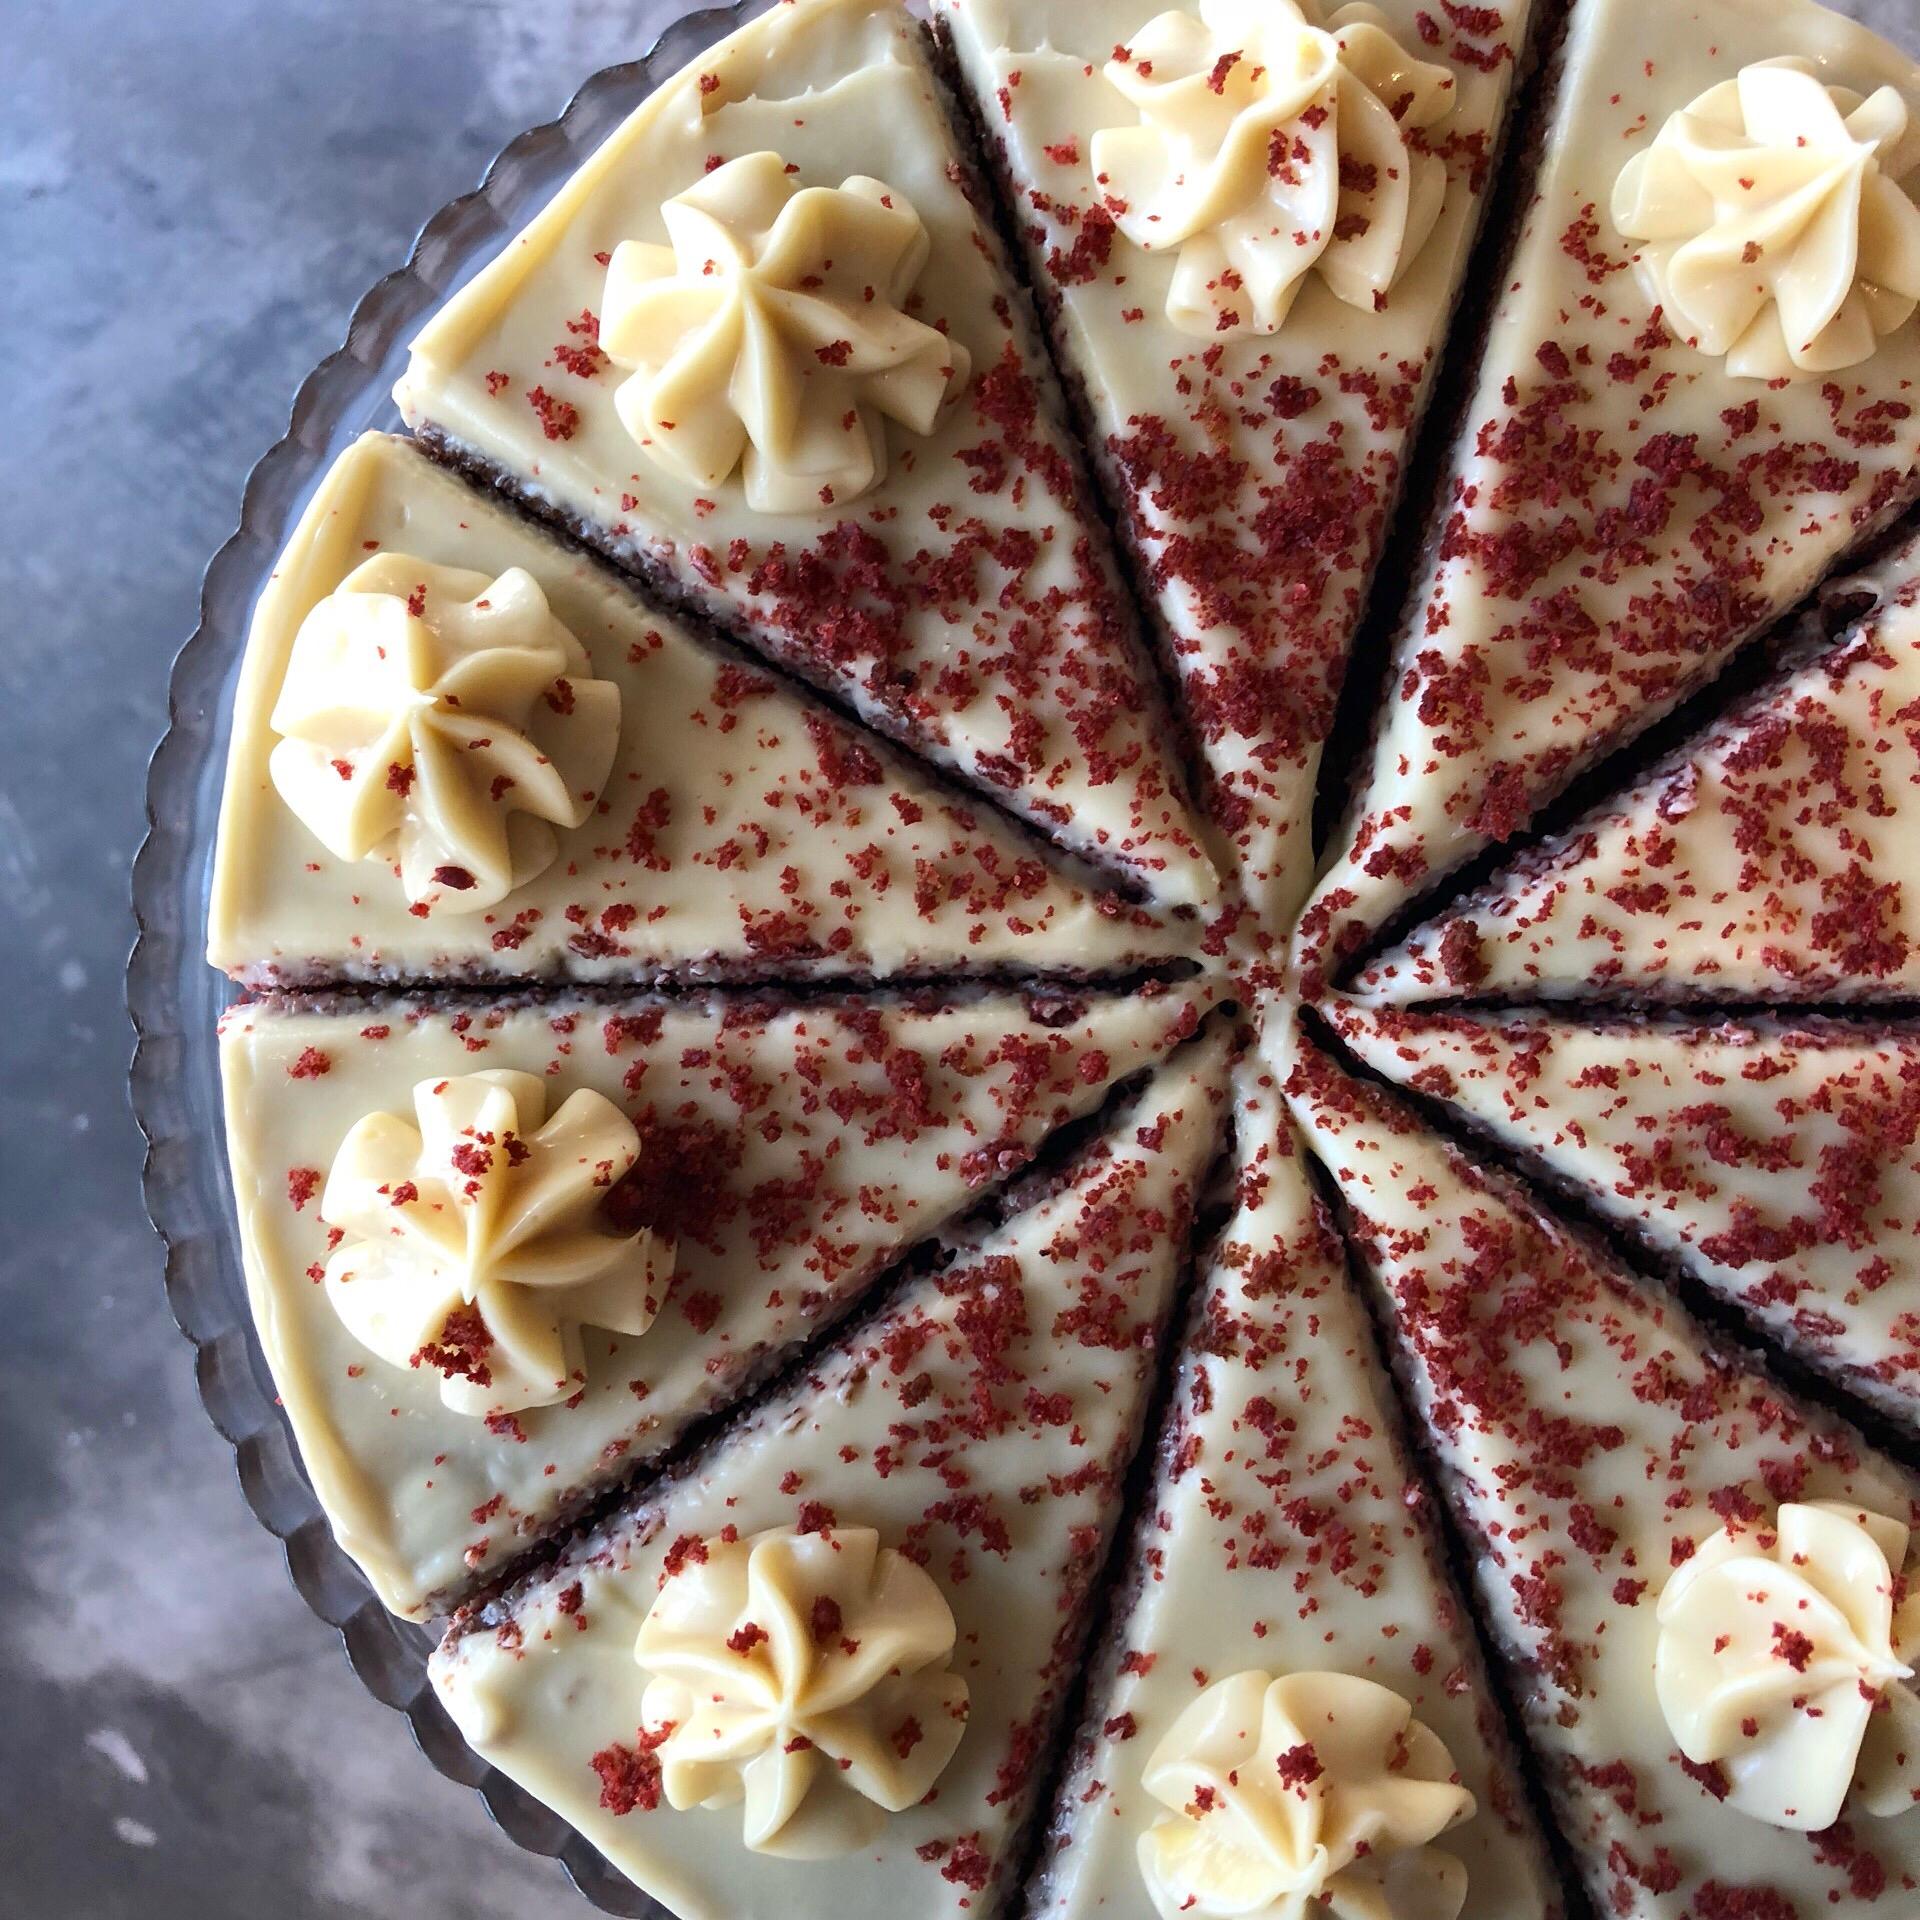 red velvet cake - Três camadas de bolo red velvet intercalados com creme de cream cheese.